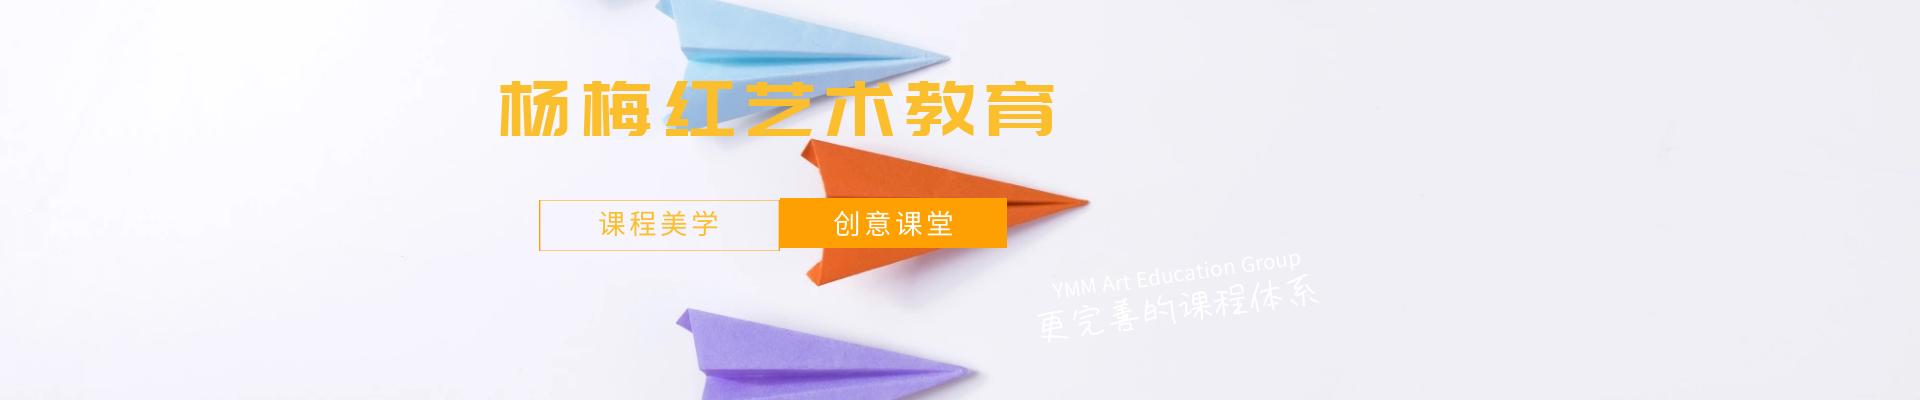 昆明润城少儿美术培训学校